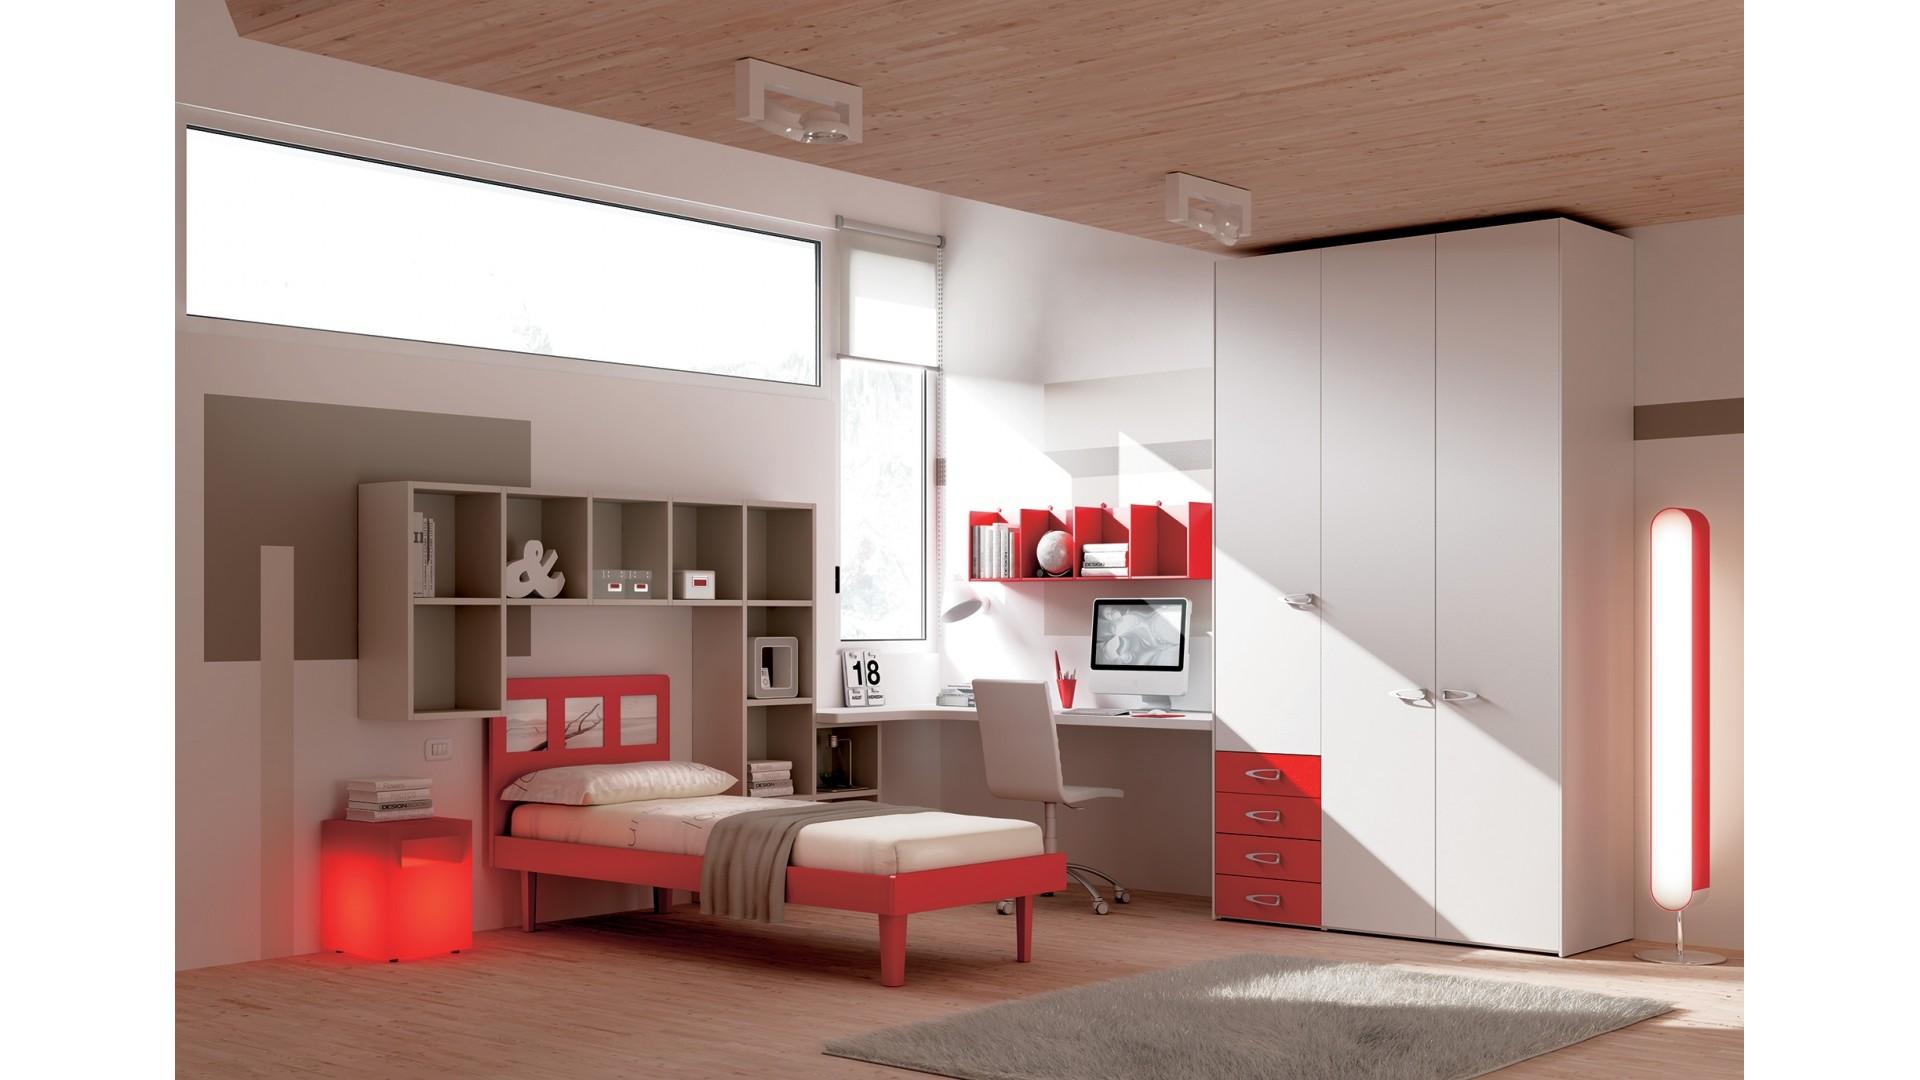 Chambre enfant avec tête de lit lumineuse - MORETTI COMPACT - SO NUIT